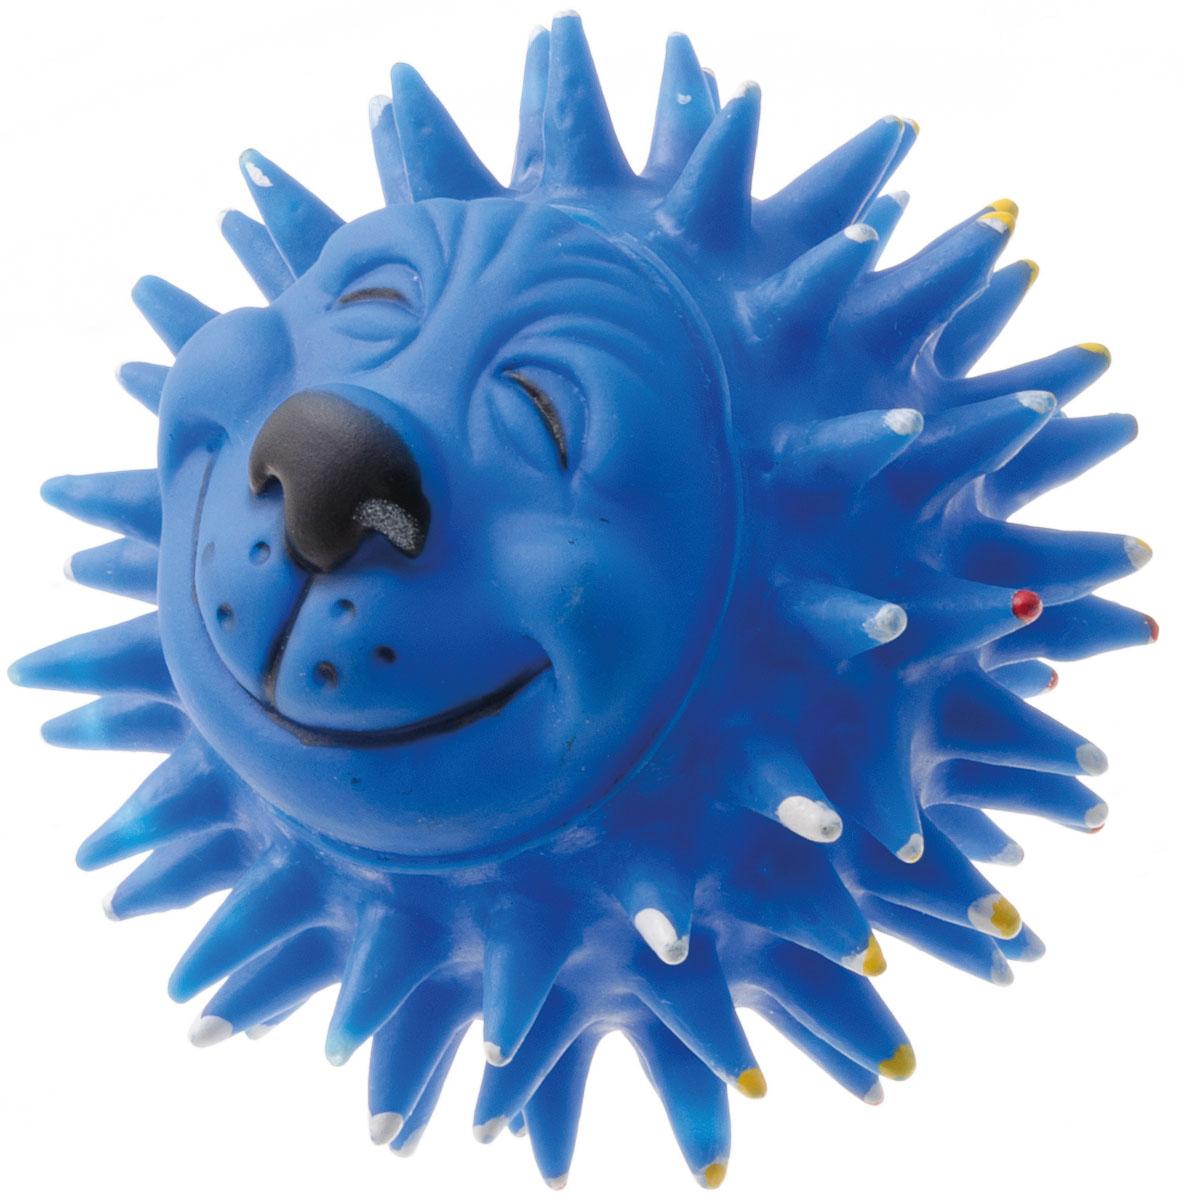 Игрушка для собак V.I.Pet Мяч массажный. Довольный еж, диаметр 10 смV-307Игрушка для собак V.I.Pet Массажный мяч. Довольный еж, изготовленная из винила, предназначена для массажа и самомассажа рефлексогенных зон. Она имеет мягкие закругленные массажные шипы, эффективно массирующие и не травмирующие кожу. Изделие оснащено пищалкой. Игрушка не позволит скучать вашему питомцу ни дома, ни на улице. Диаметр: 10 см.